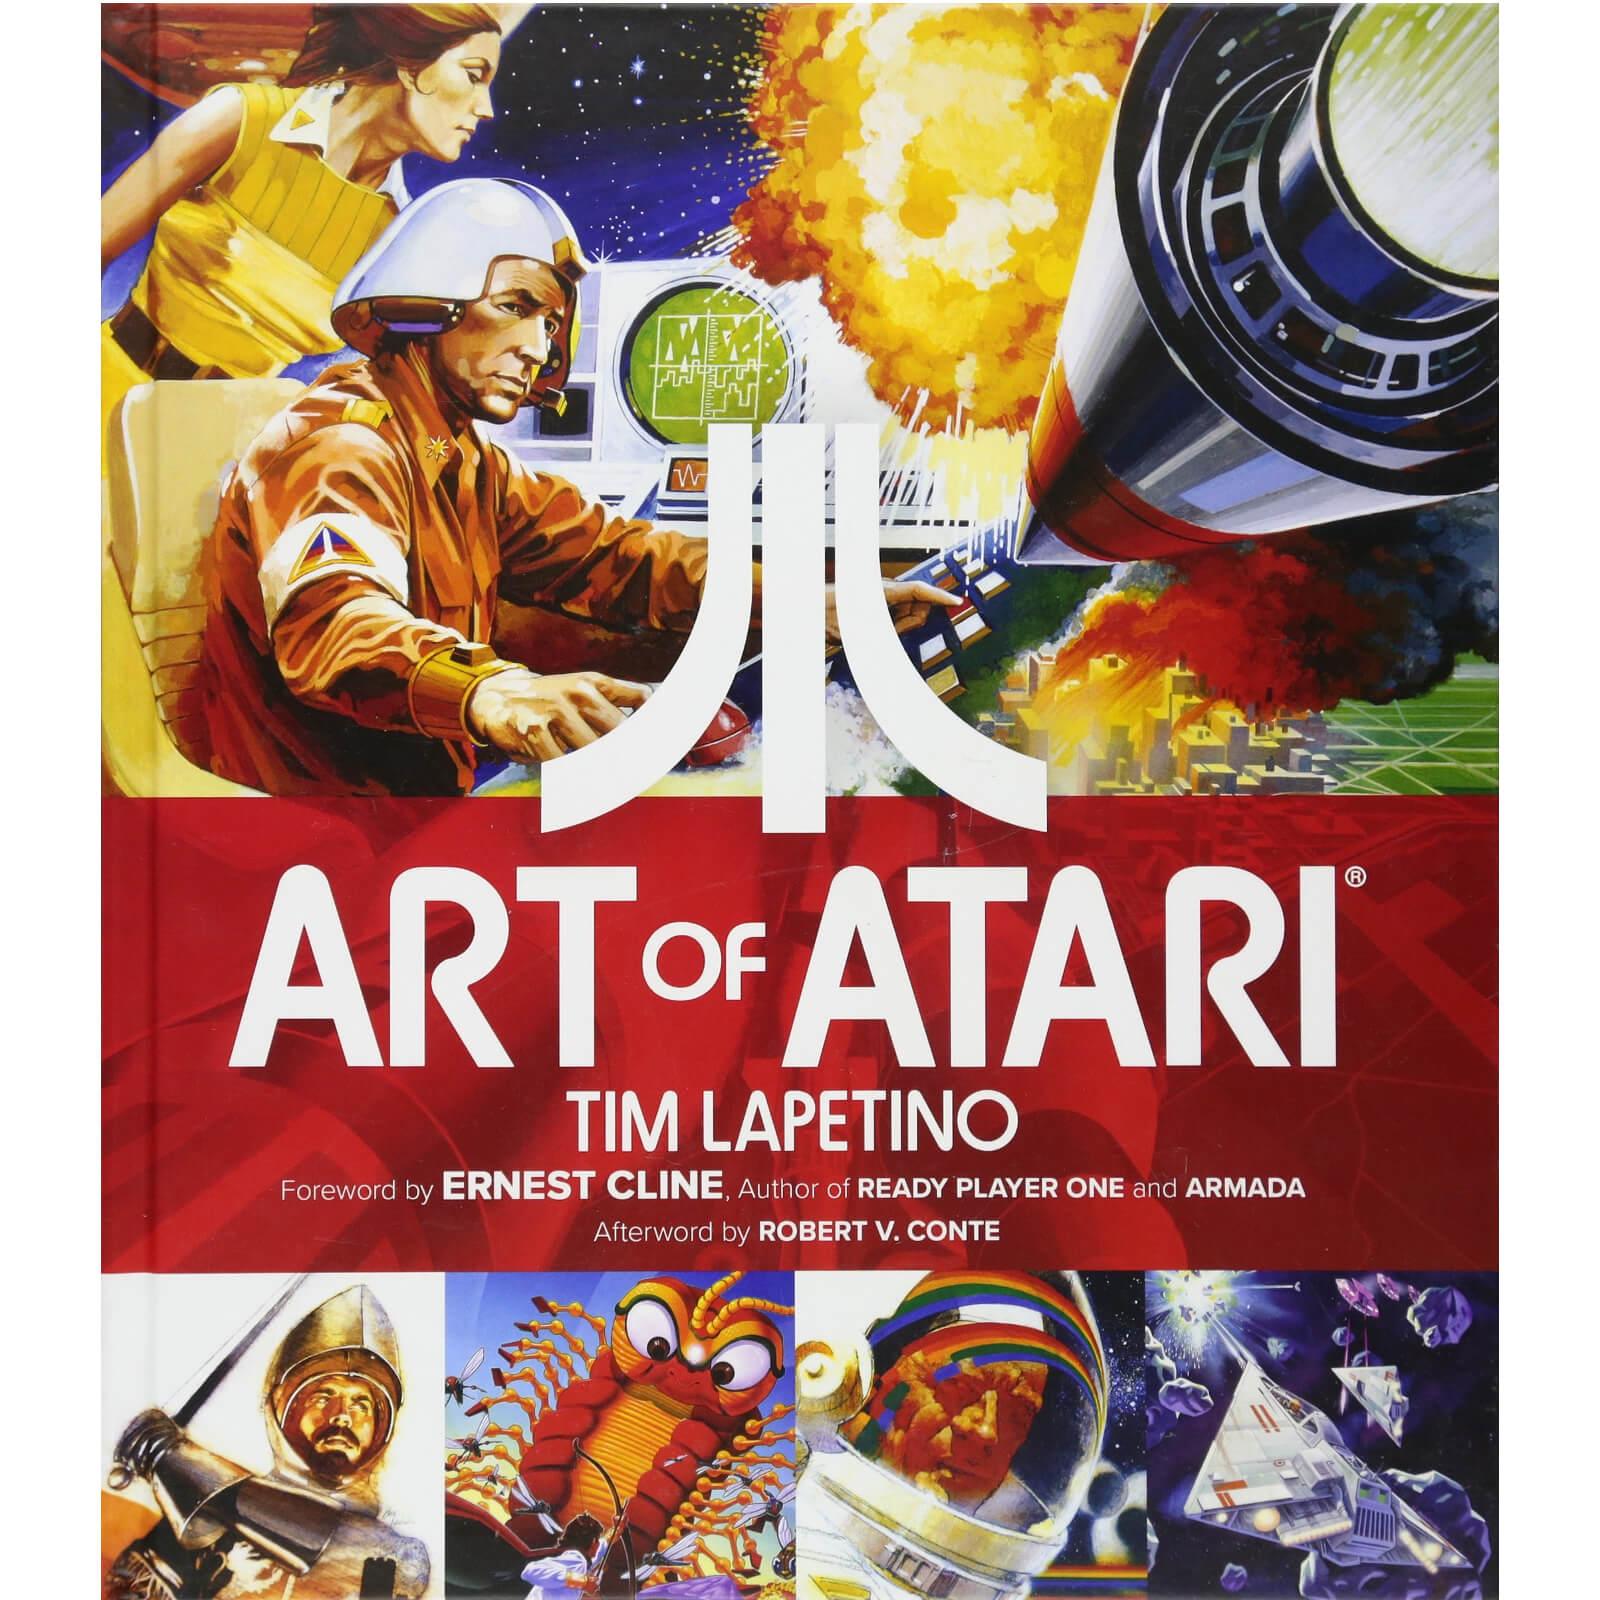 Rebaja del libro: El Arte de Atari - Formato físico